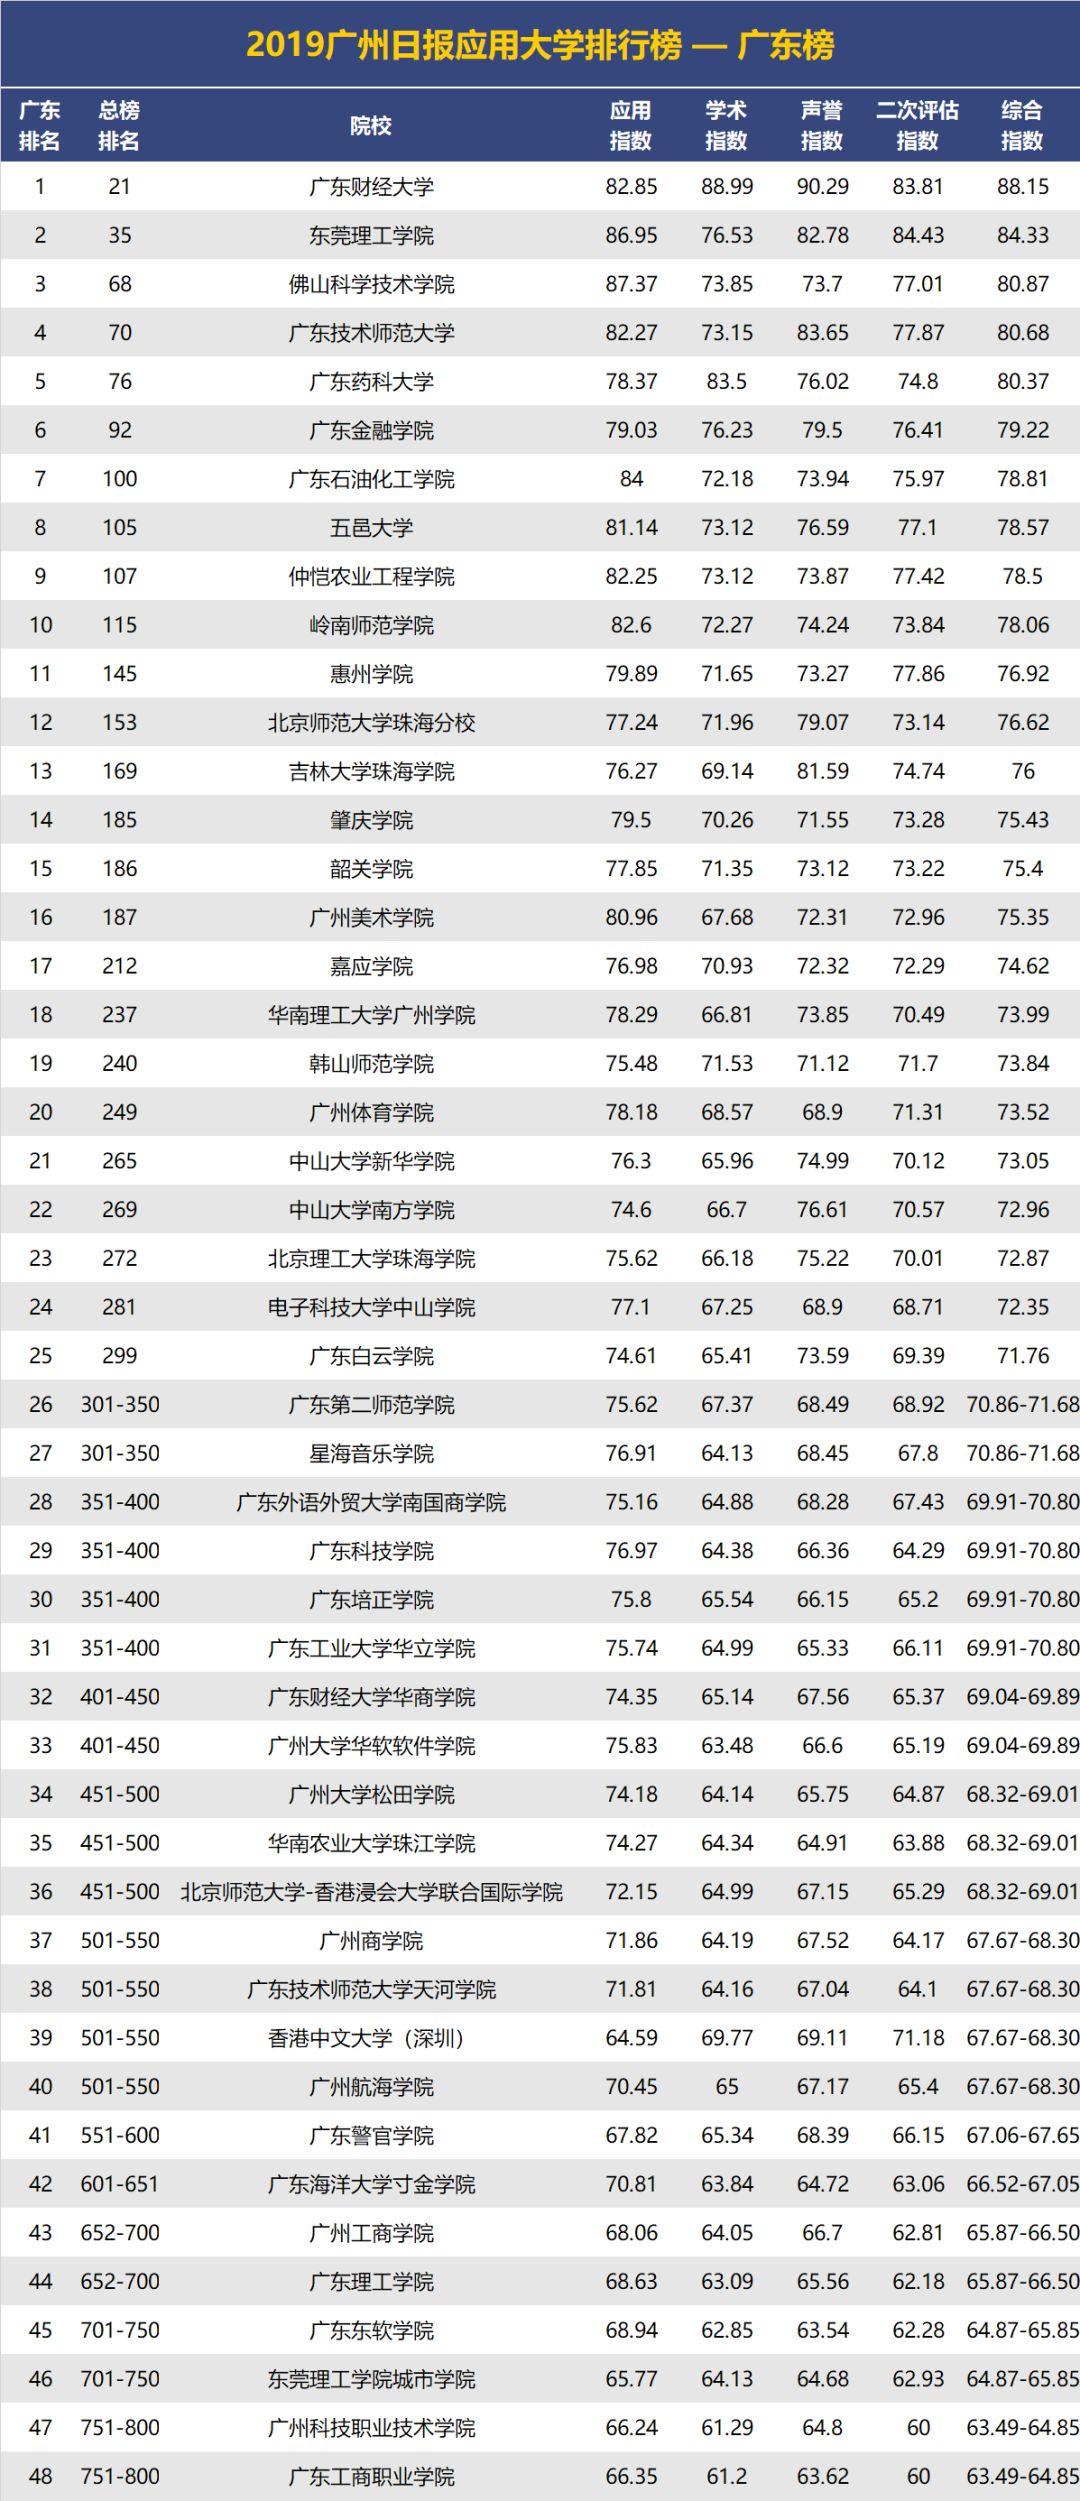 2019經濟國家排行榜_廣東gdp排名 2019gdp全球排名